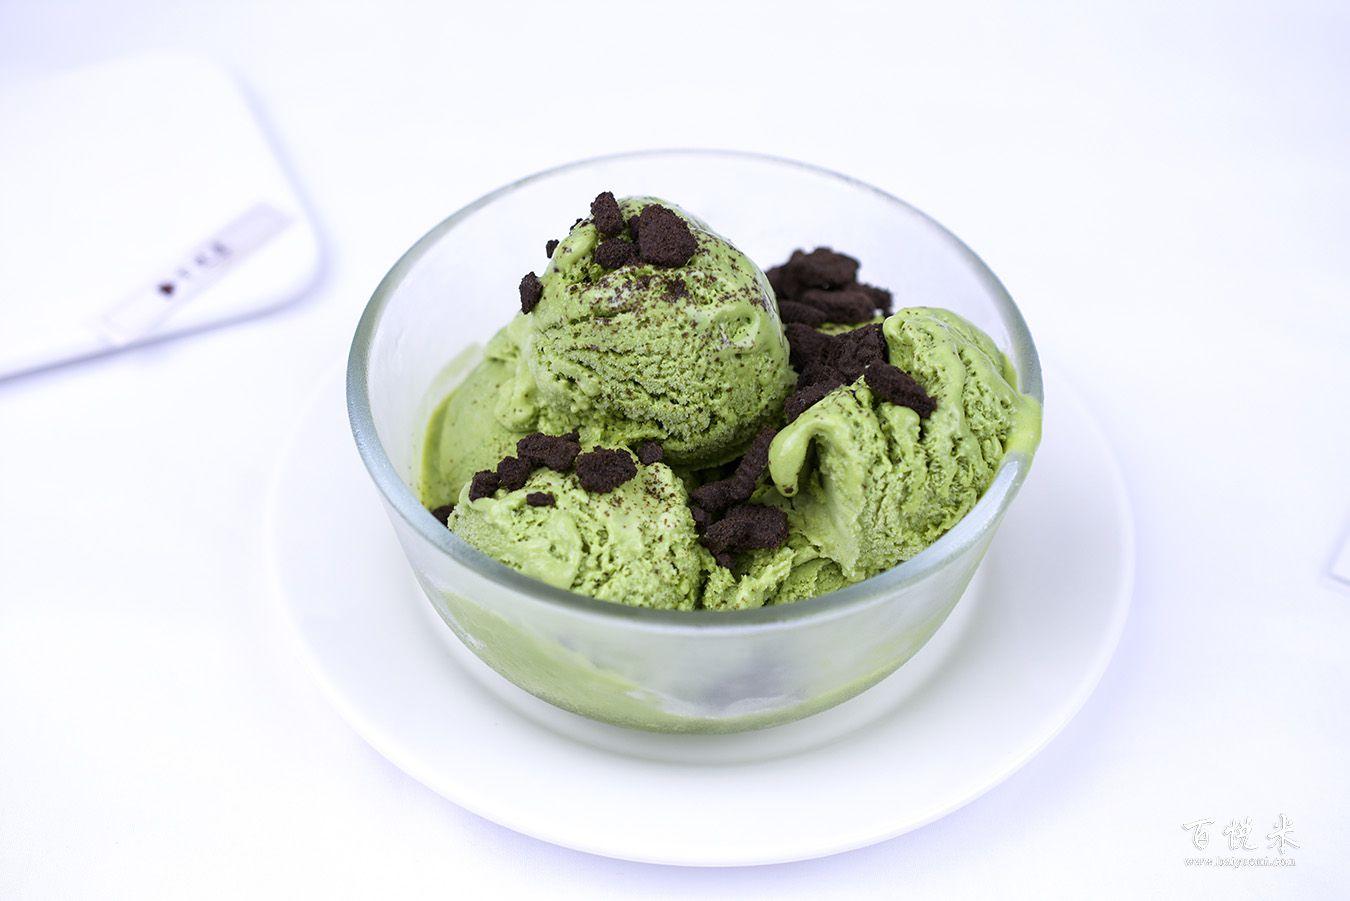 抹茶冰淇淋高清图片大全【蛋糕图片】_1217